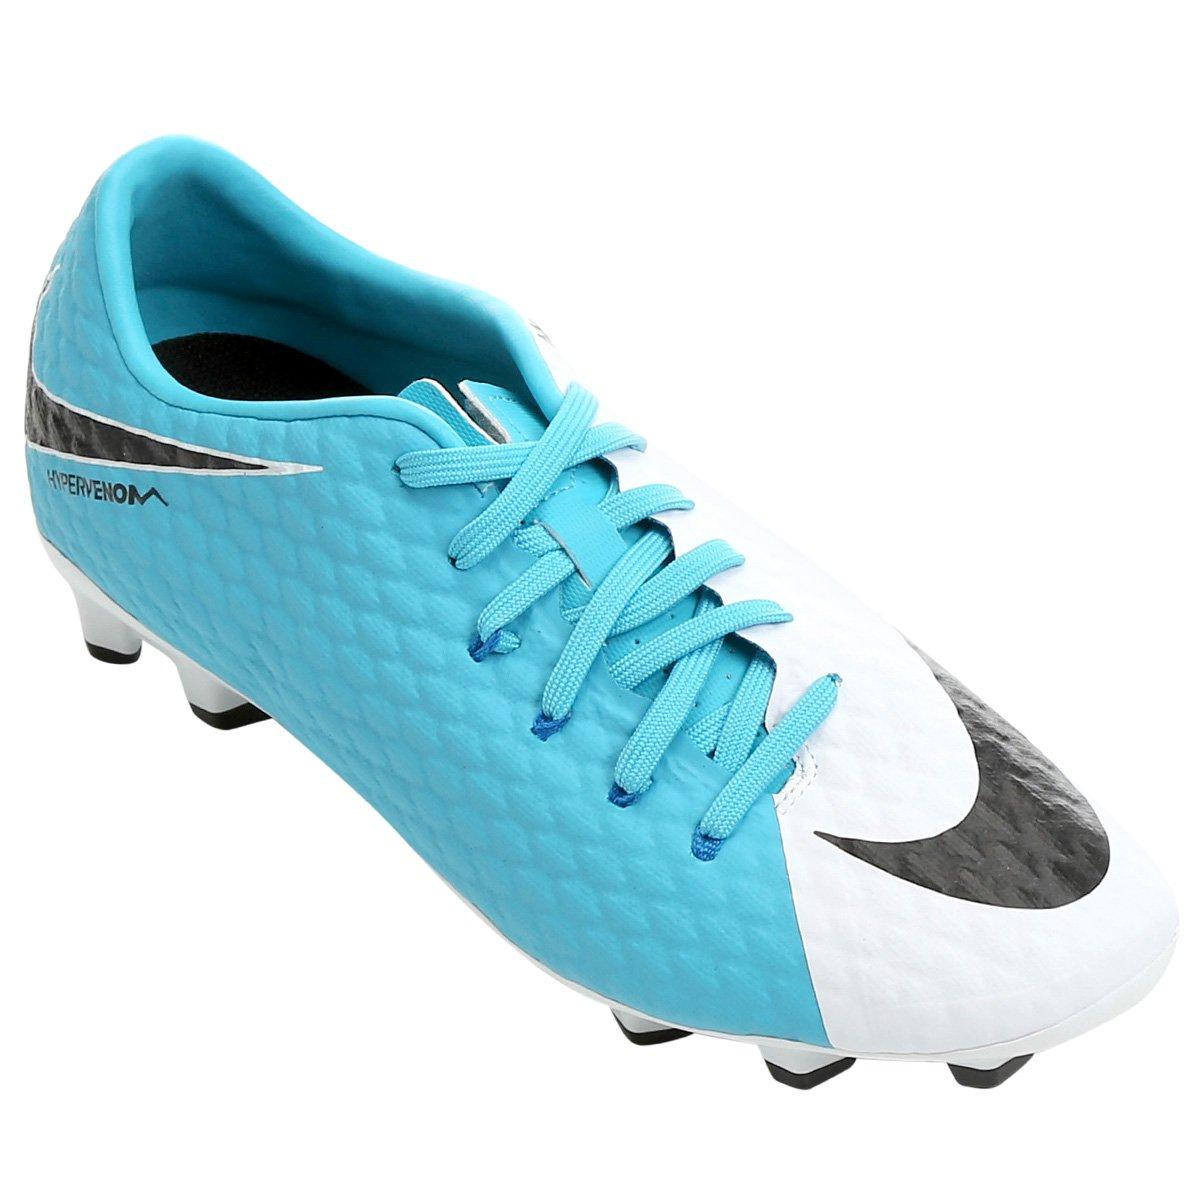 Chuteira Campo Nike Hypervenom Phelon 3 FG - Branco e Azul - Compre ... 16b9e60a56b76